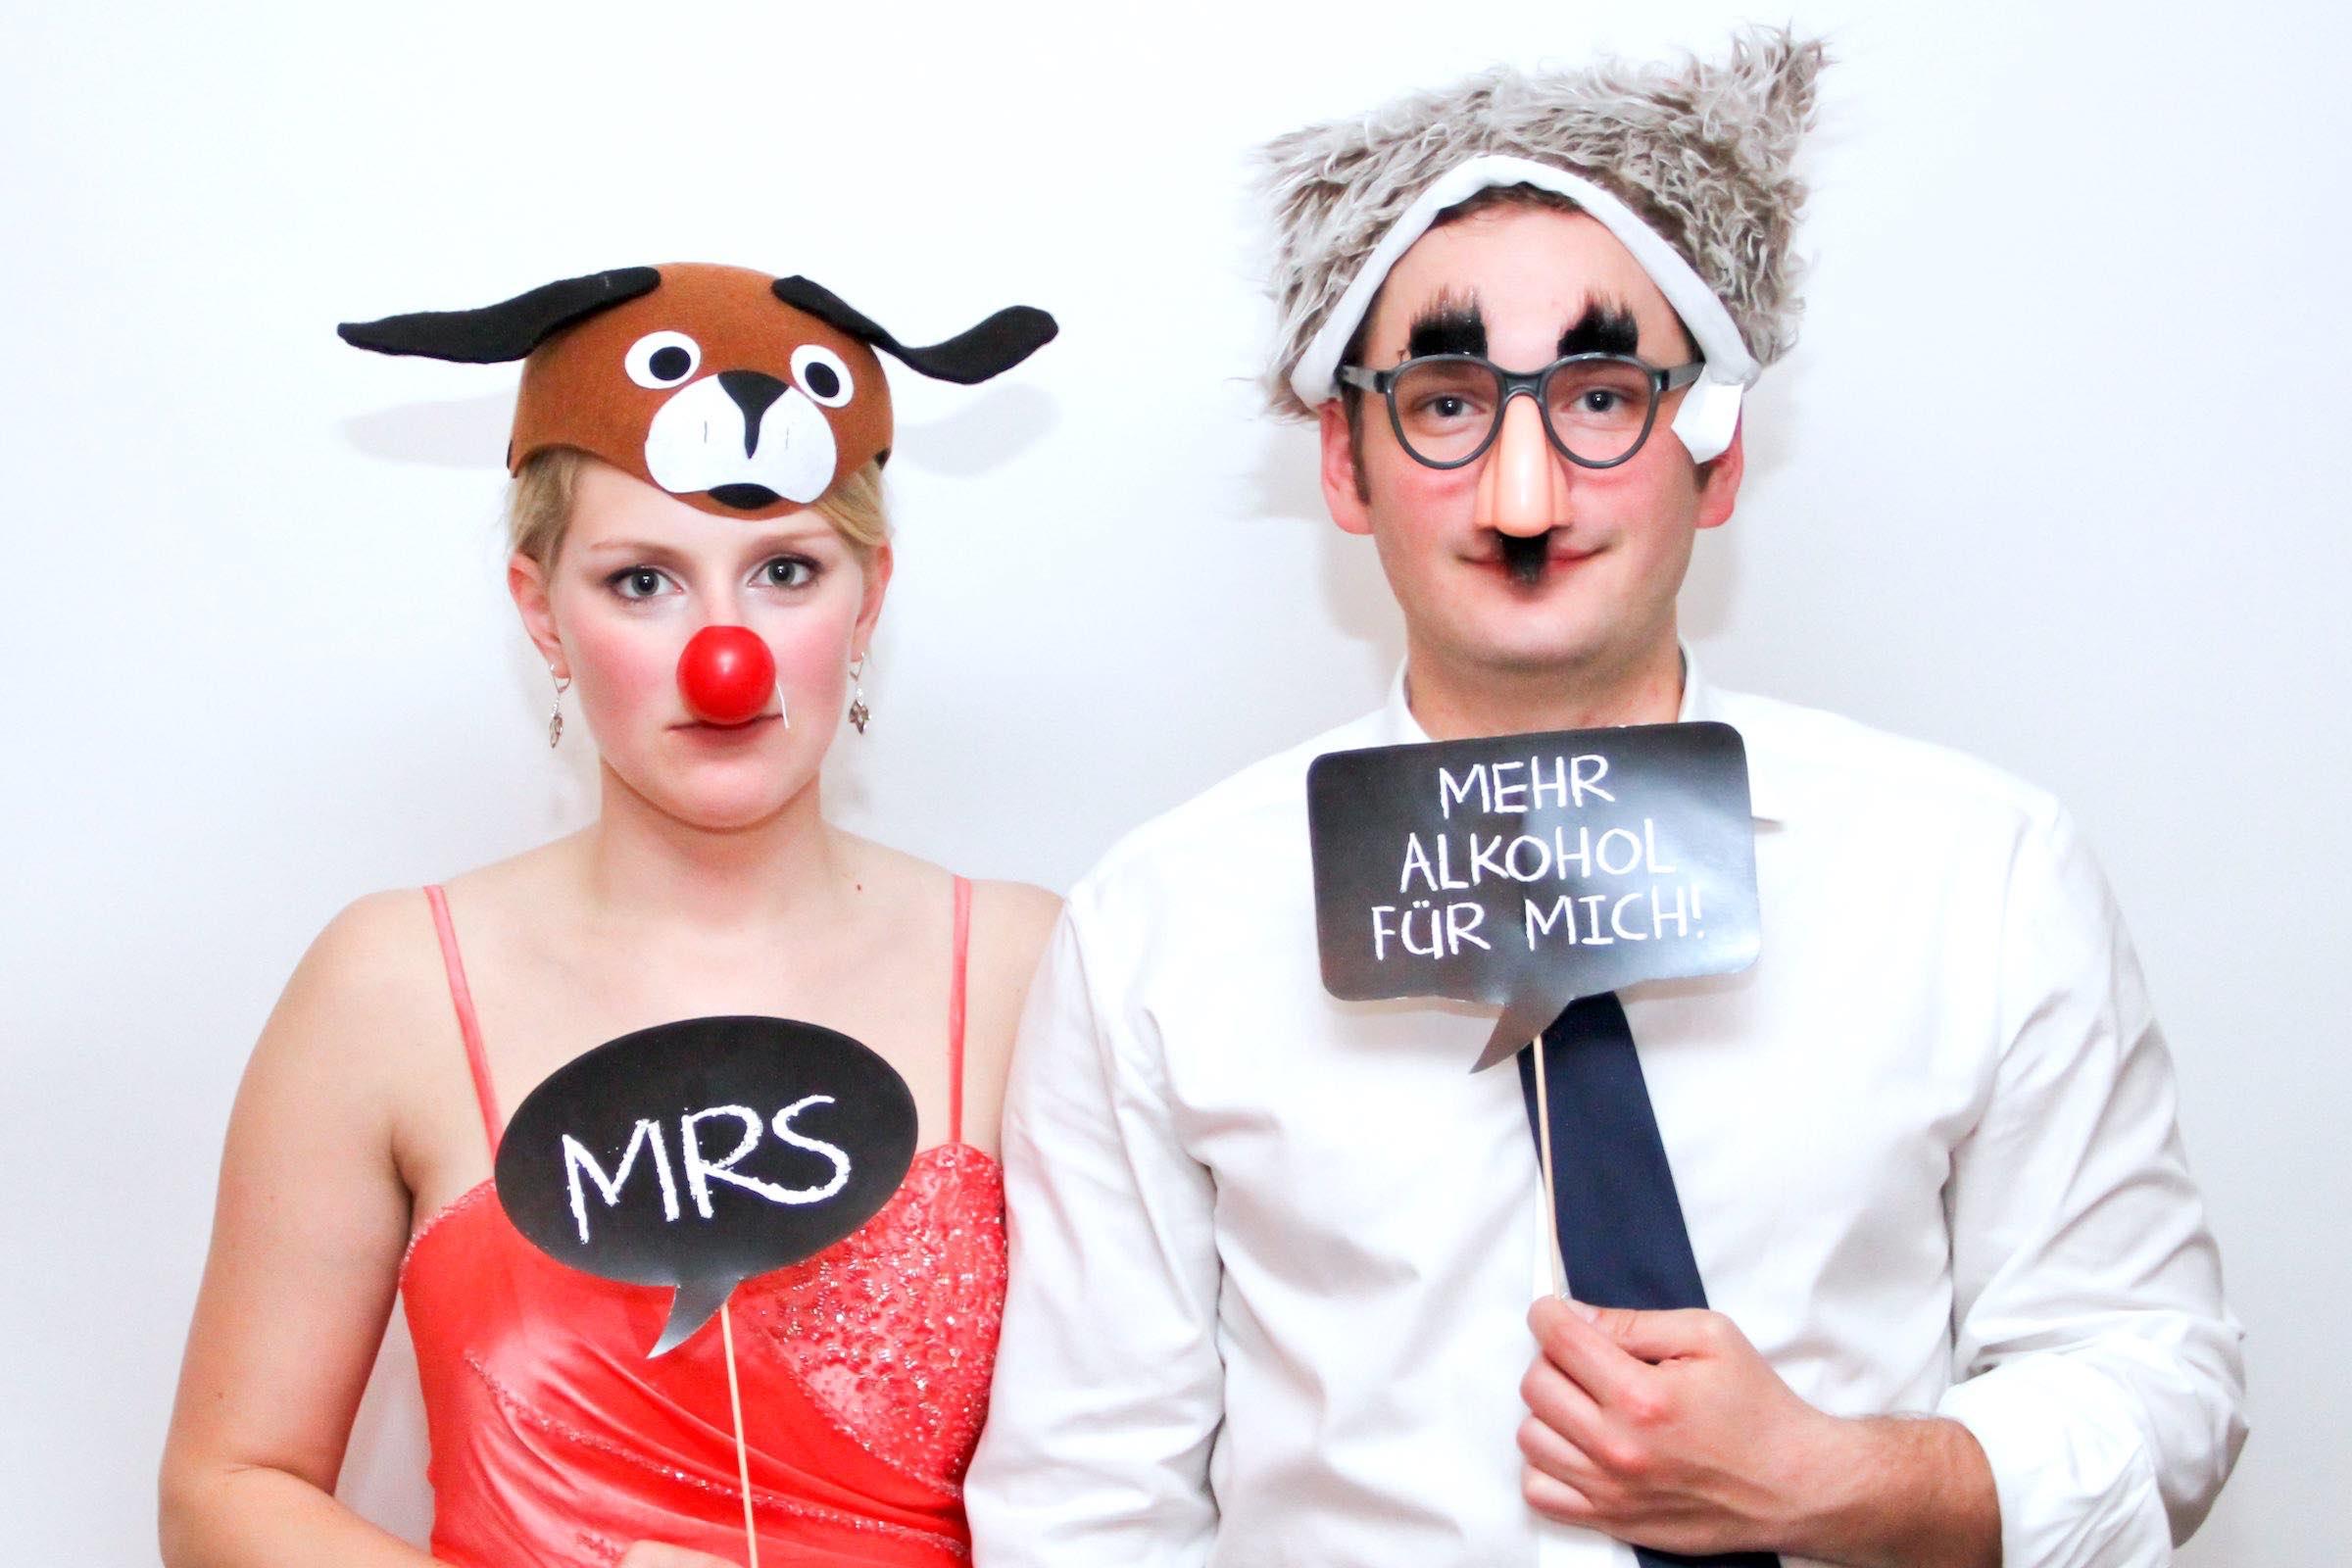 Fotobox   Mieten   Hamburg   Druck   Ausdruck   Sofortdruck   Fotokiste   Photobooth   Fotoautomat   Hochzeit   Messe   Event   Firmenfeier   Abiball   Buchen   Anfragen   Mieten   Fotoglotze   Hamburgfeiert